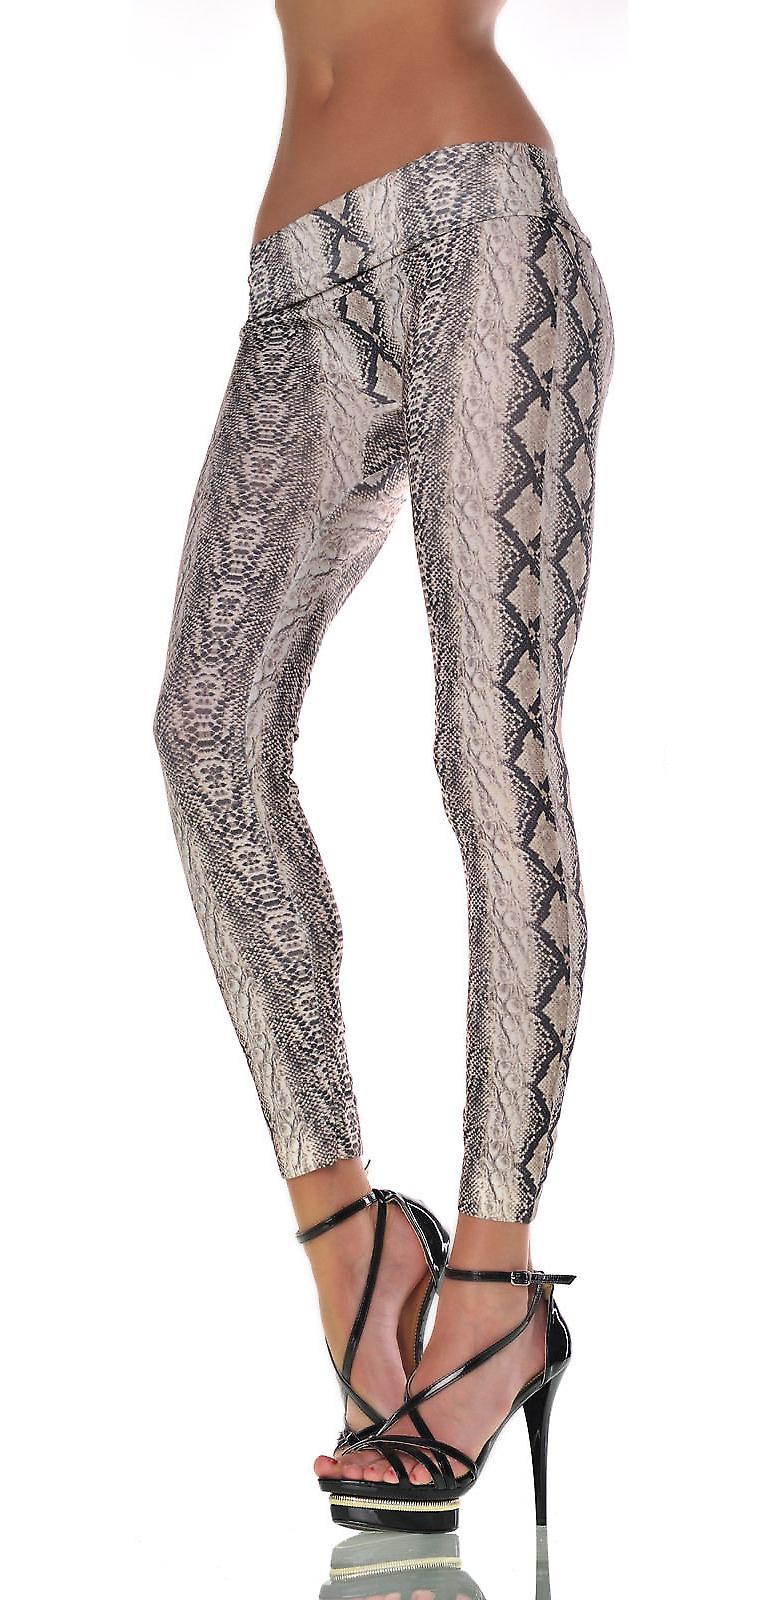 Waooh - Fashion - Leggins gedruckten Schlange